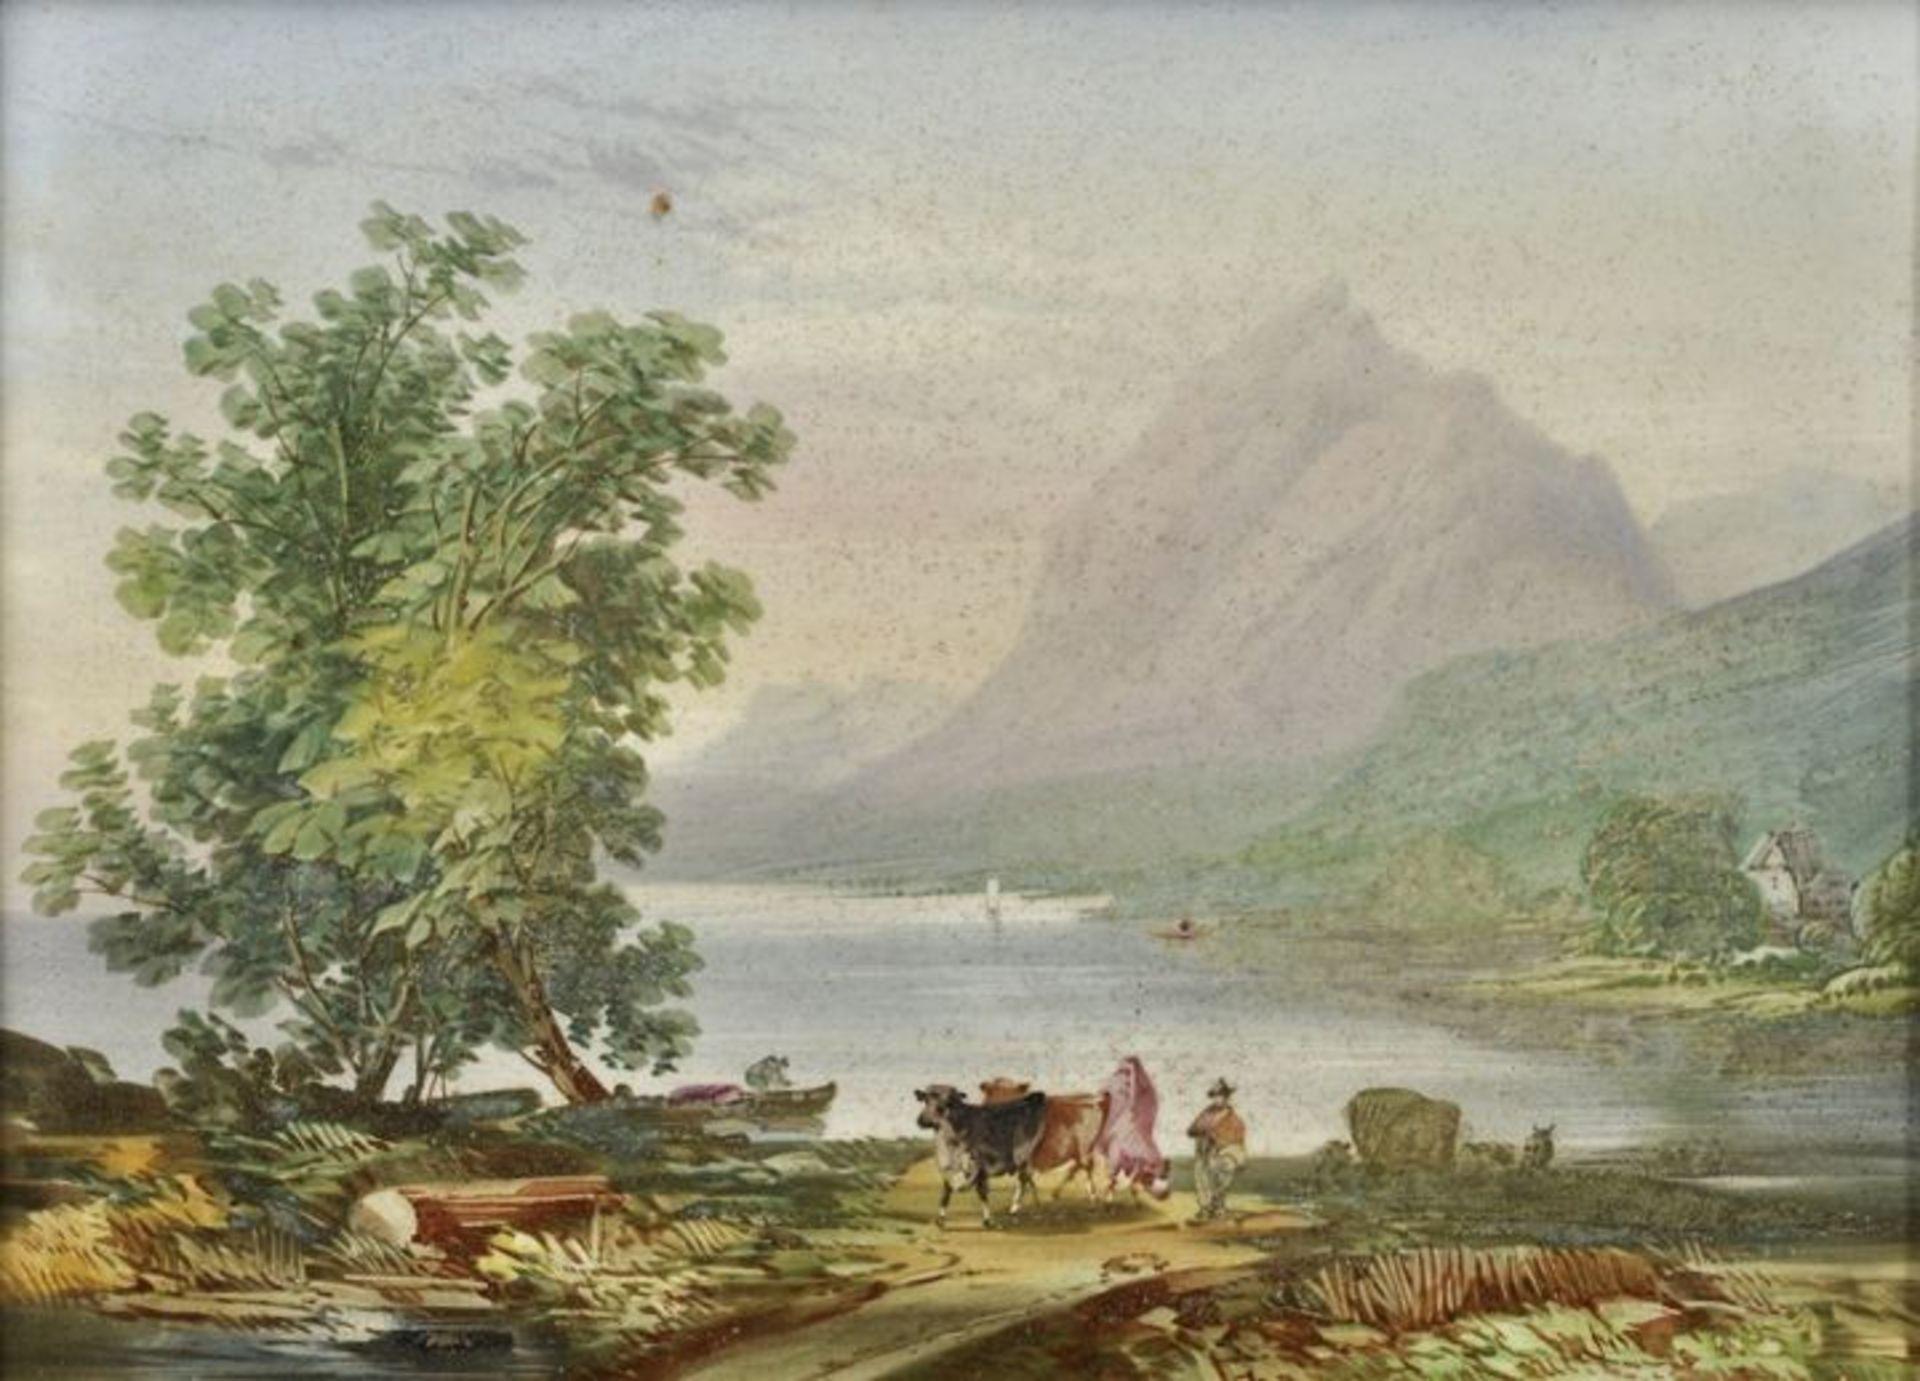 Los 19 - Porzellanbild Alpenlandschaft, 1. H. 19. Jh.Porzellanplatte mit gemalter Ansicht eines Sees vor...